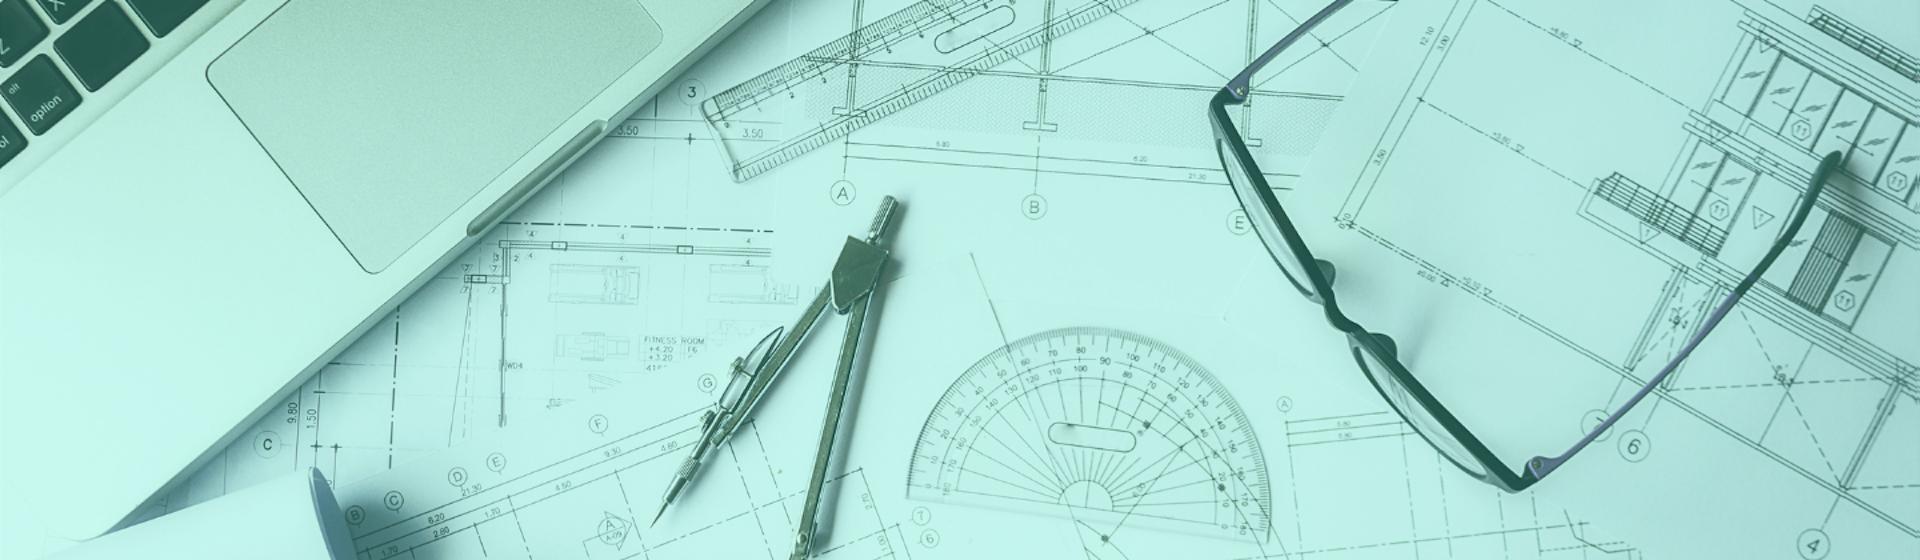 Herramientas de dibujo técnico: ¡lleva tus ideas del papel a la realidad!